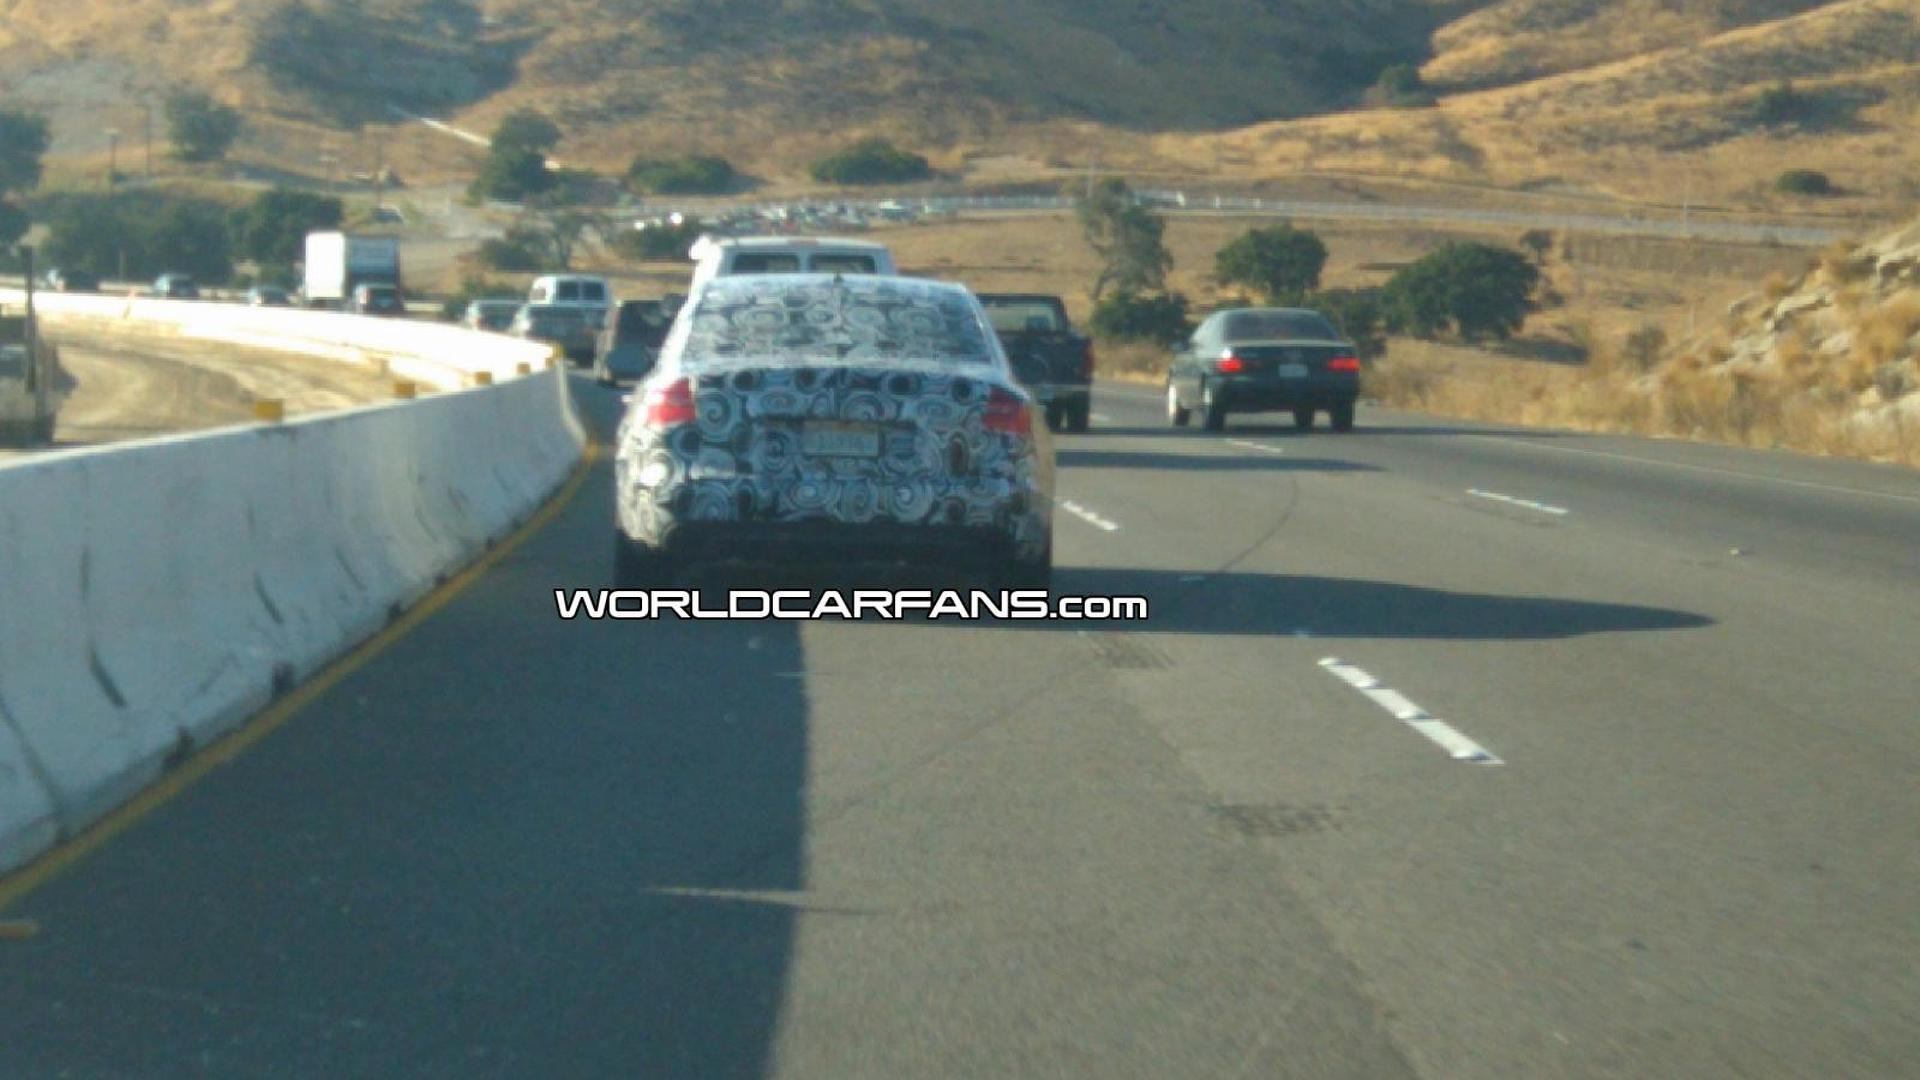 2012 Audi A6 spied in California